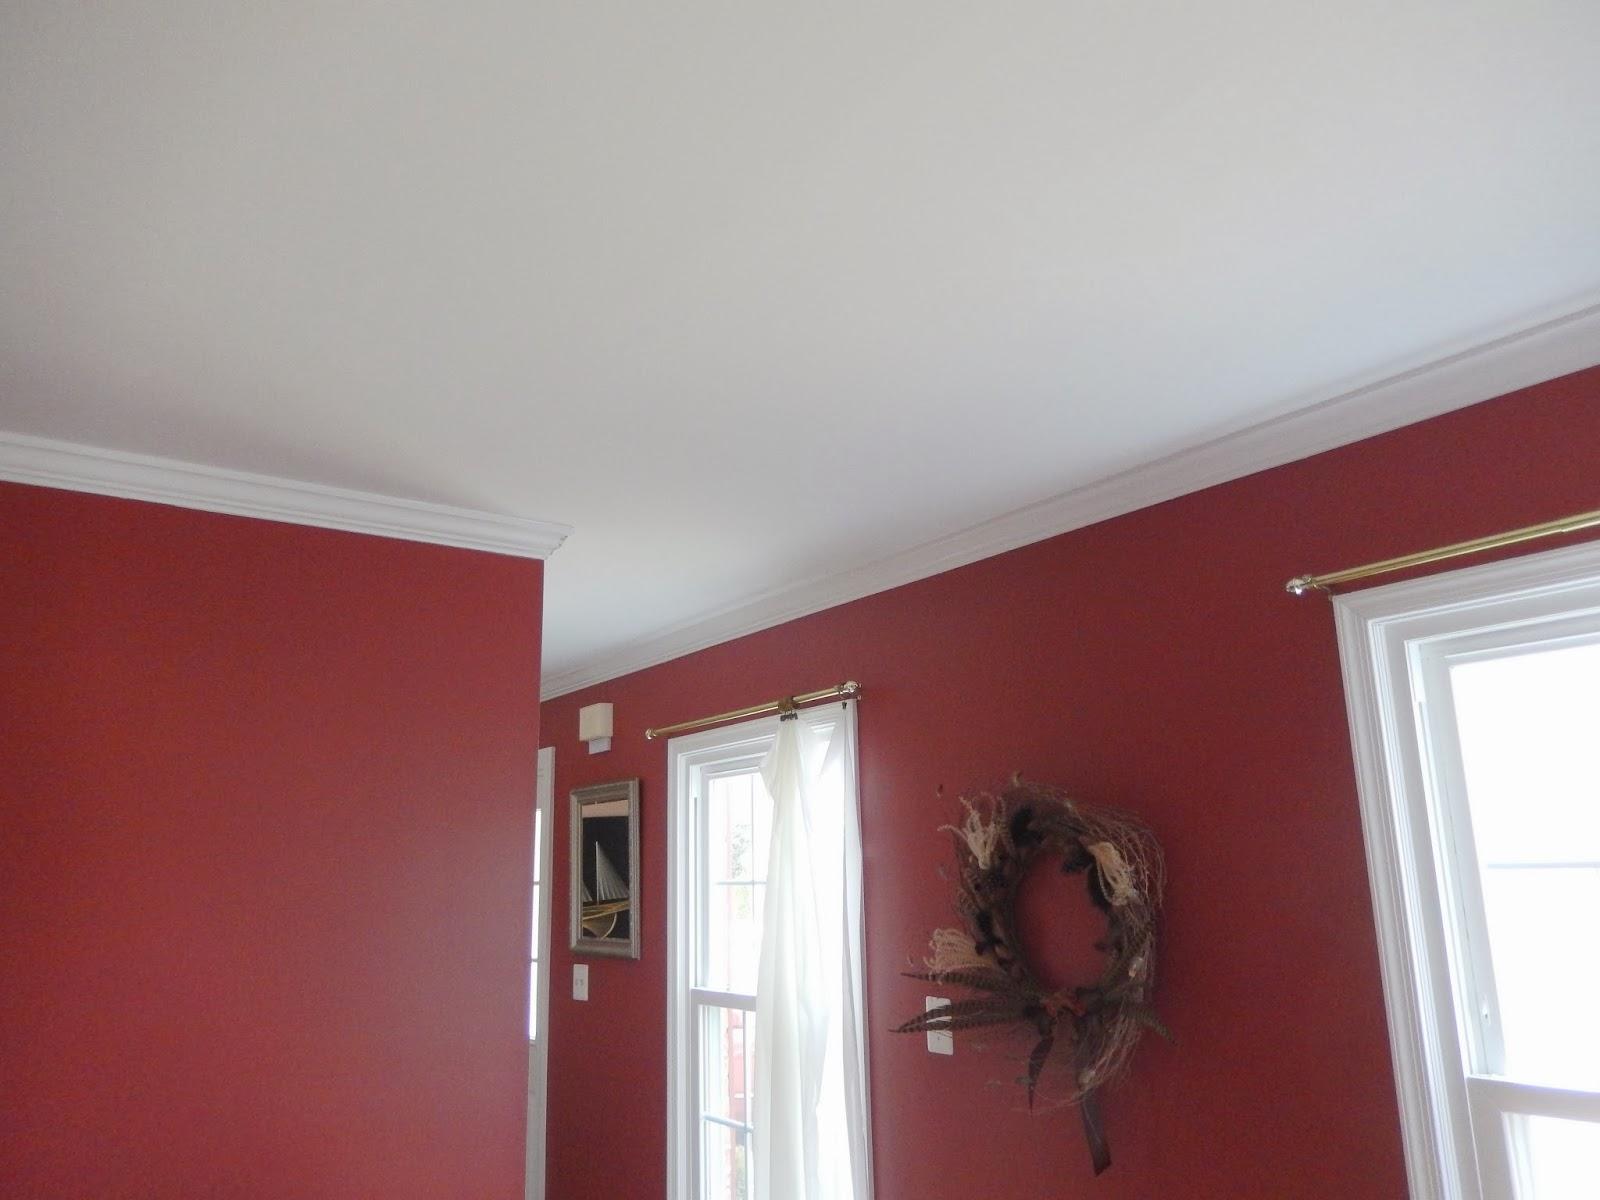 Foyer Window Leak : Above the window and door paperback bookshelves